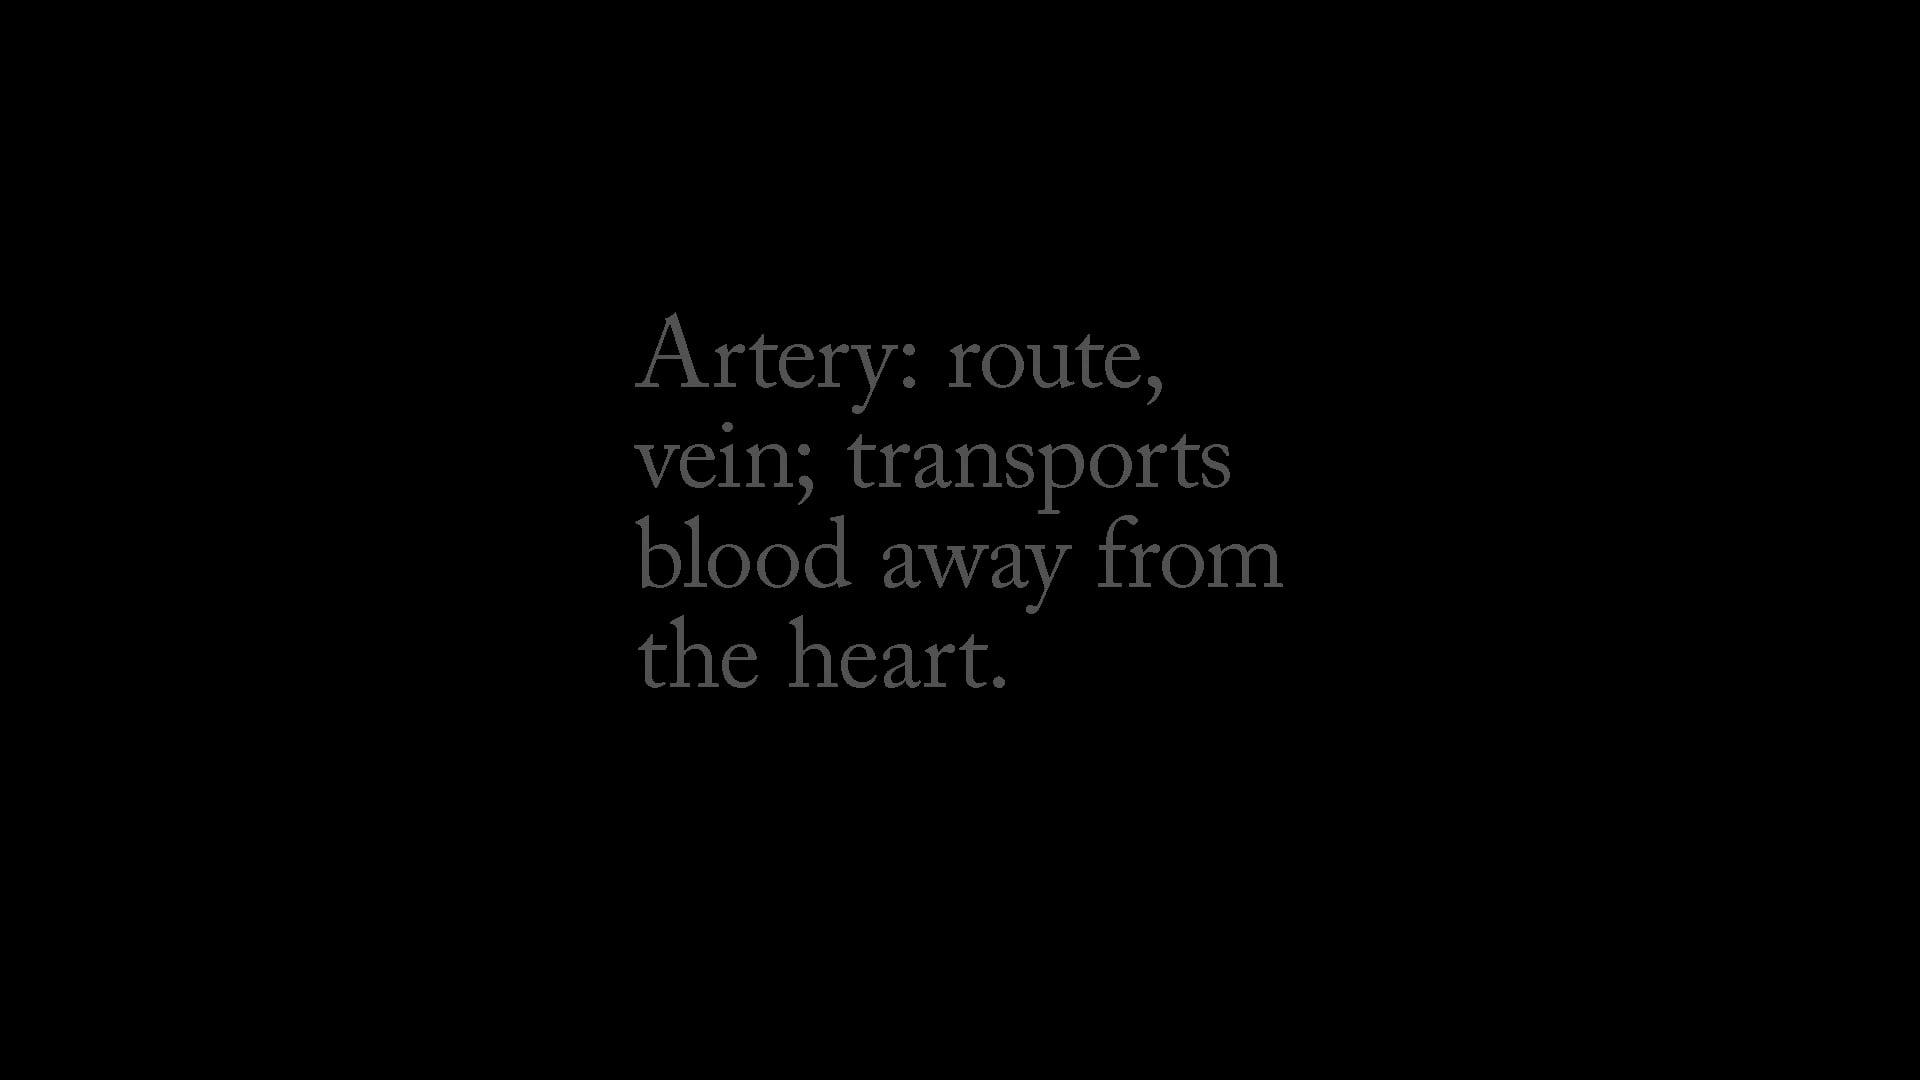 Artery 2021 Orbost